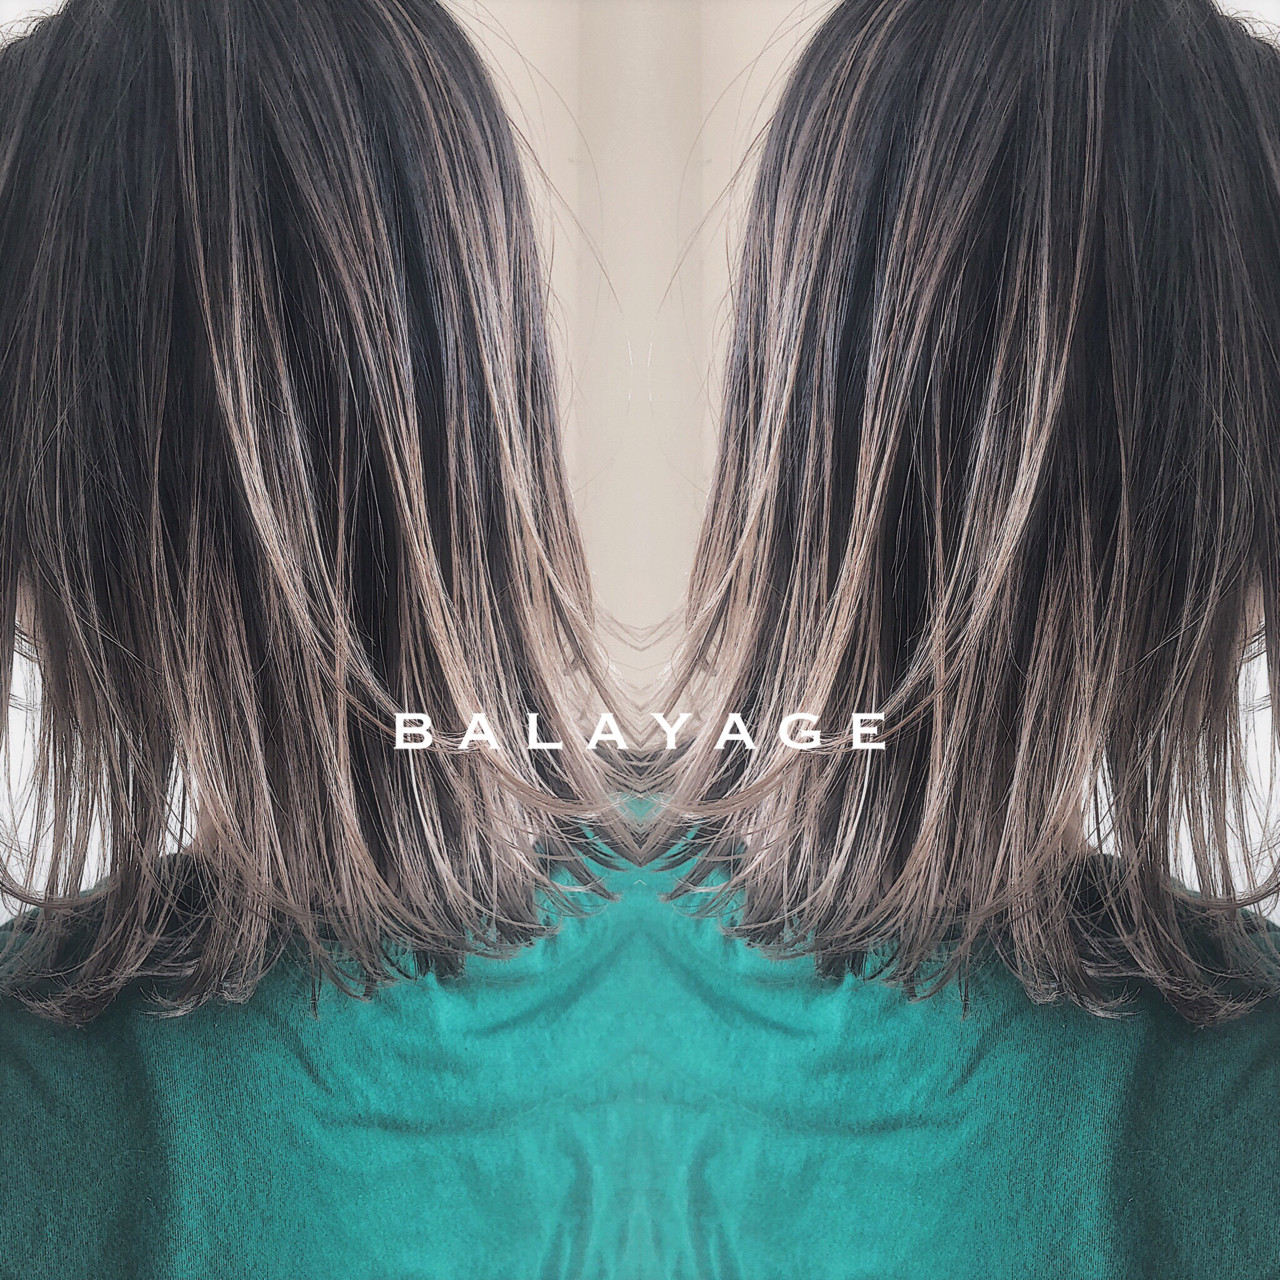 エレガント ミディアム 上品 バレイヤージュ ヘアスタイルや髪型の写真・画像